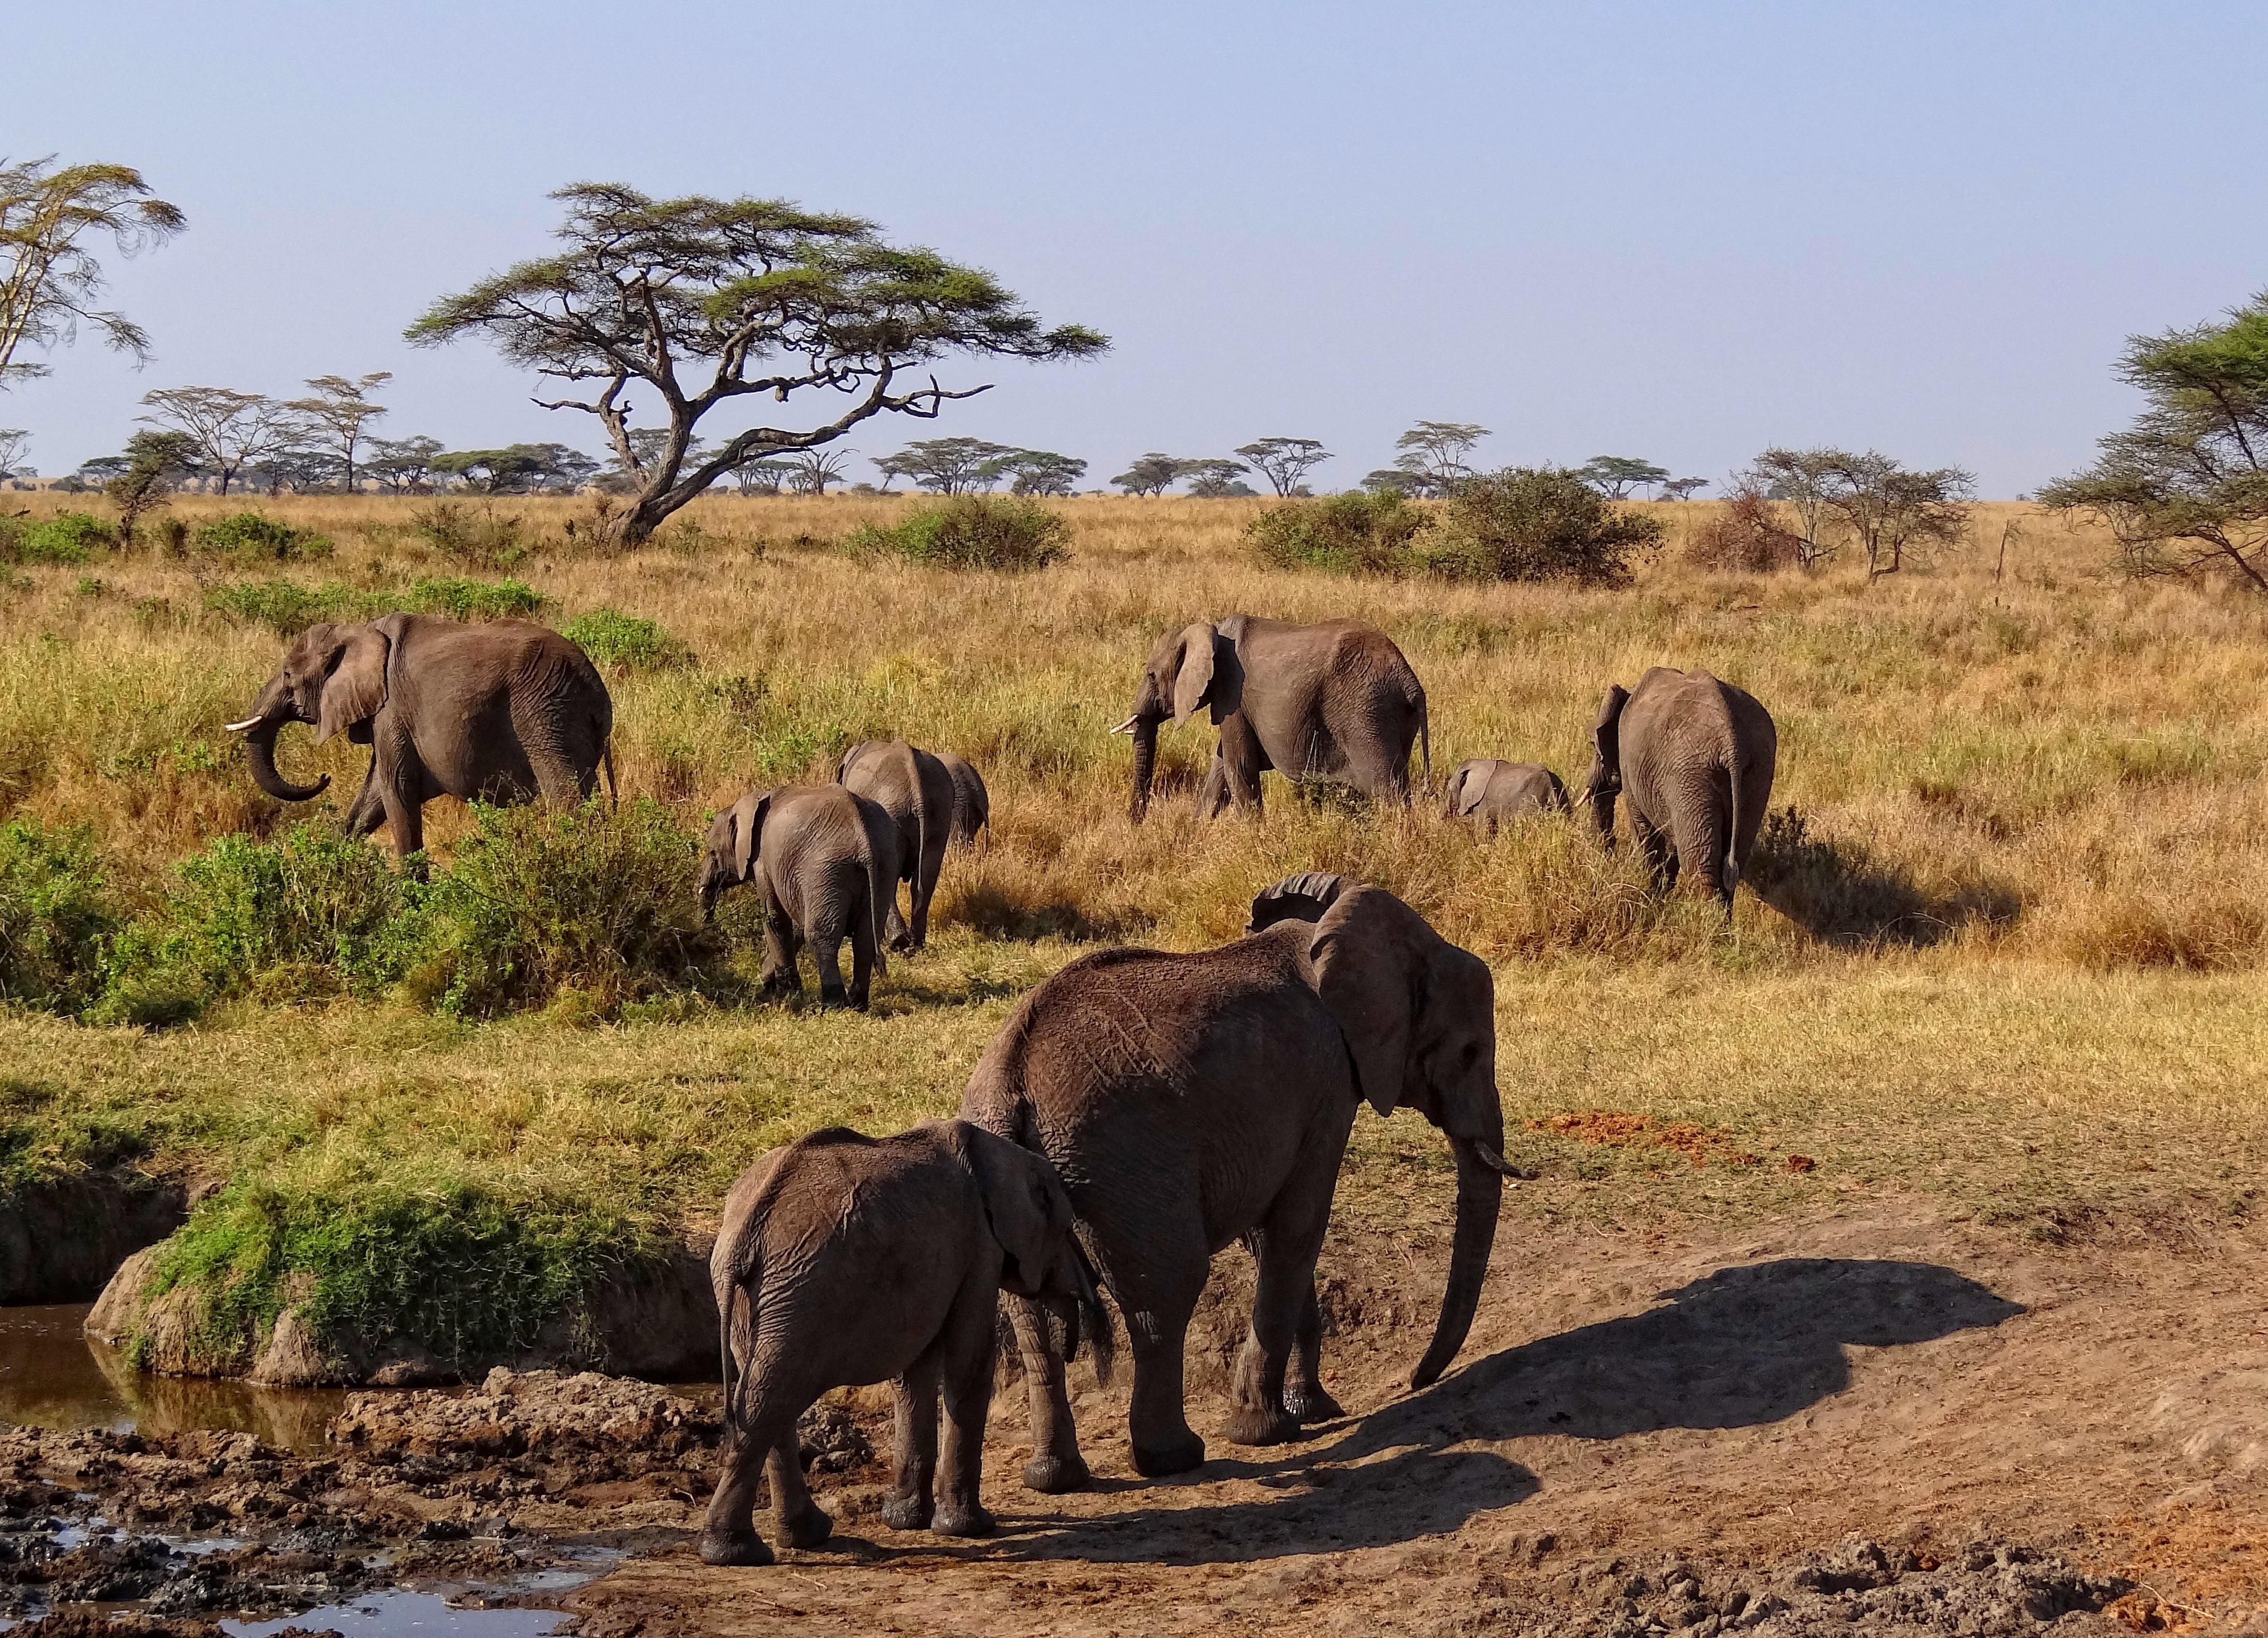 старший национальный парк серенгети фото быстрее найти